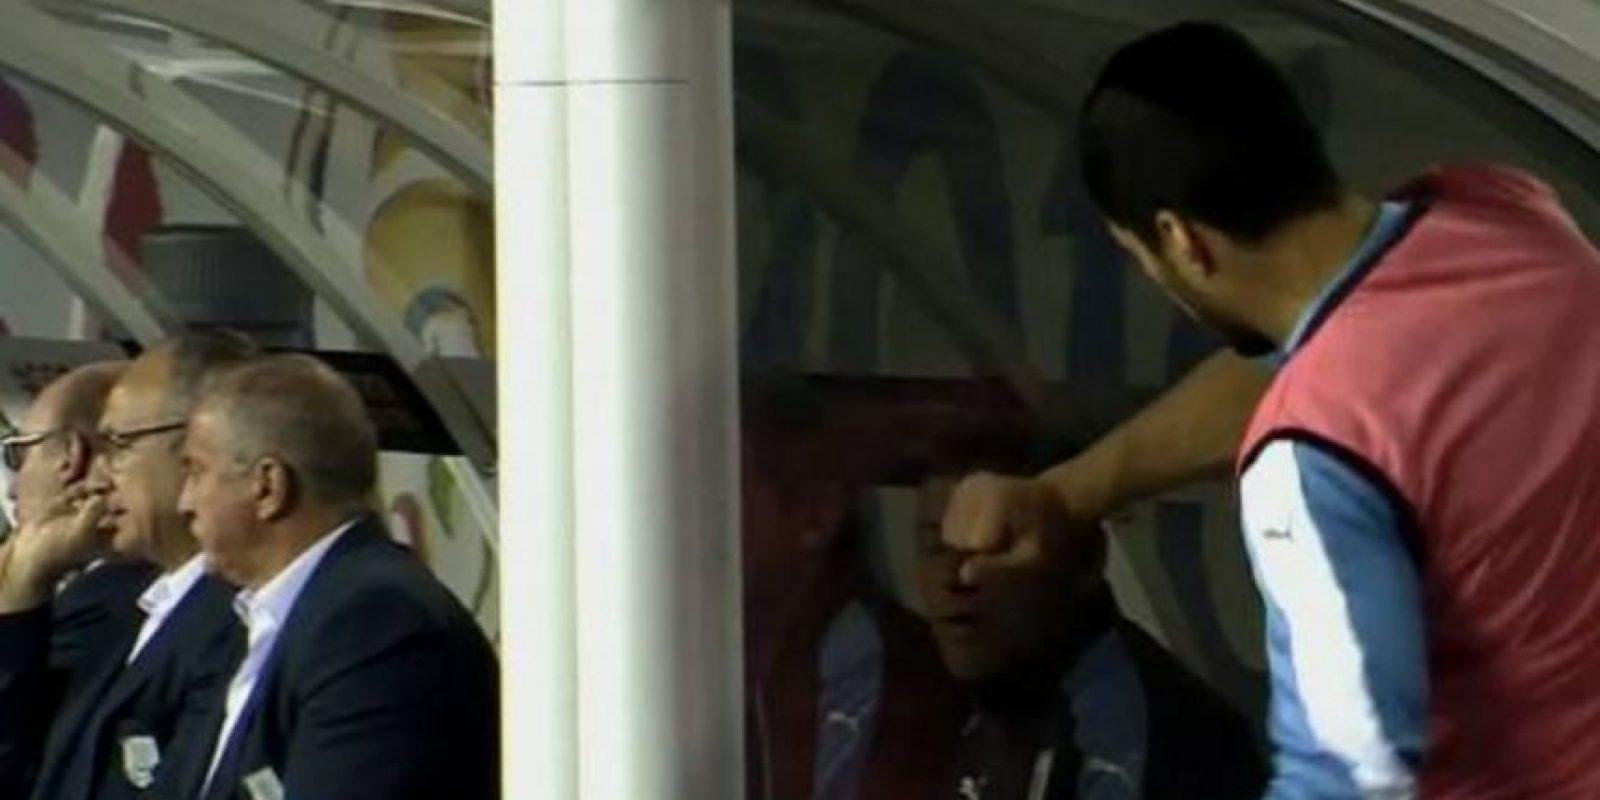 Luego de preguntarle al ayudante por qué no lo había hecho ingresar, el delantero descargó su rabia Foto:Captura de pantalla